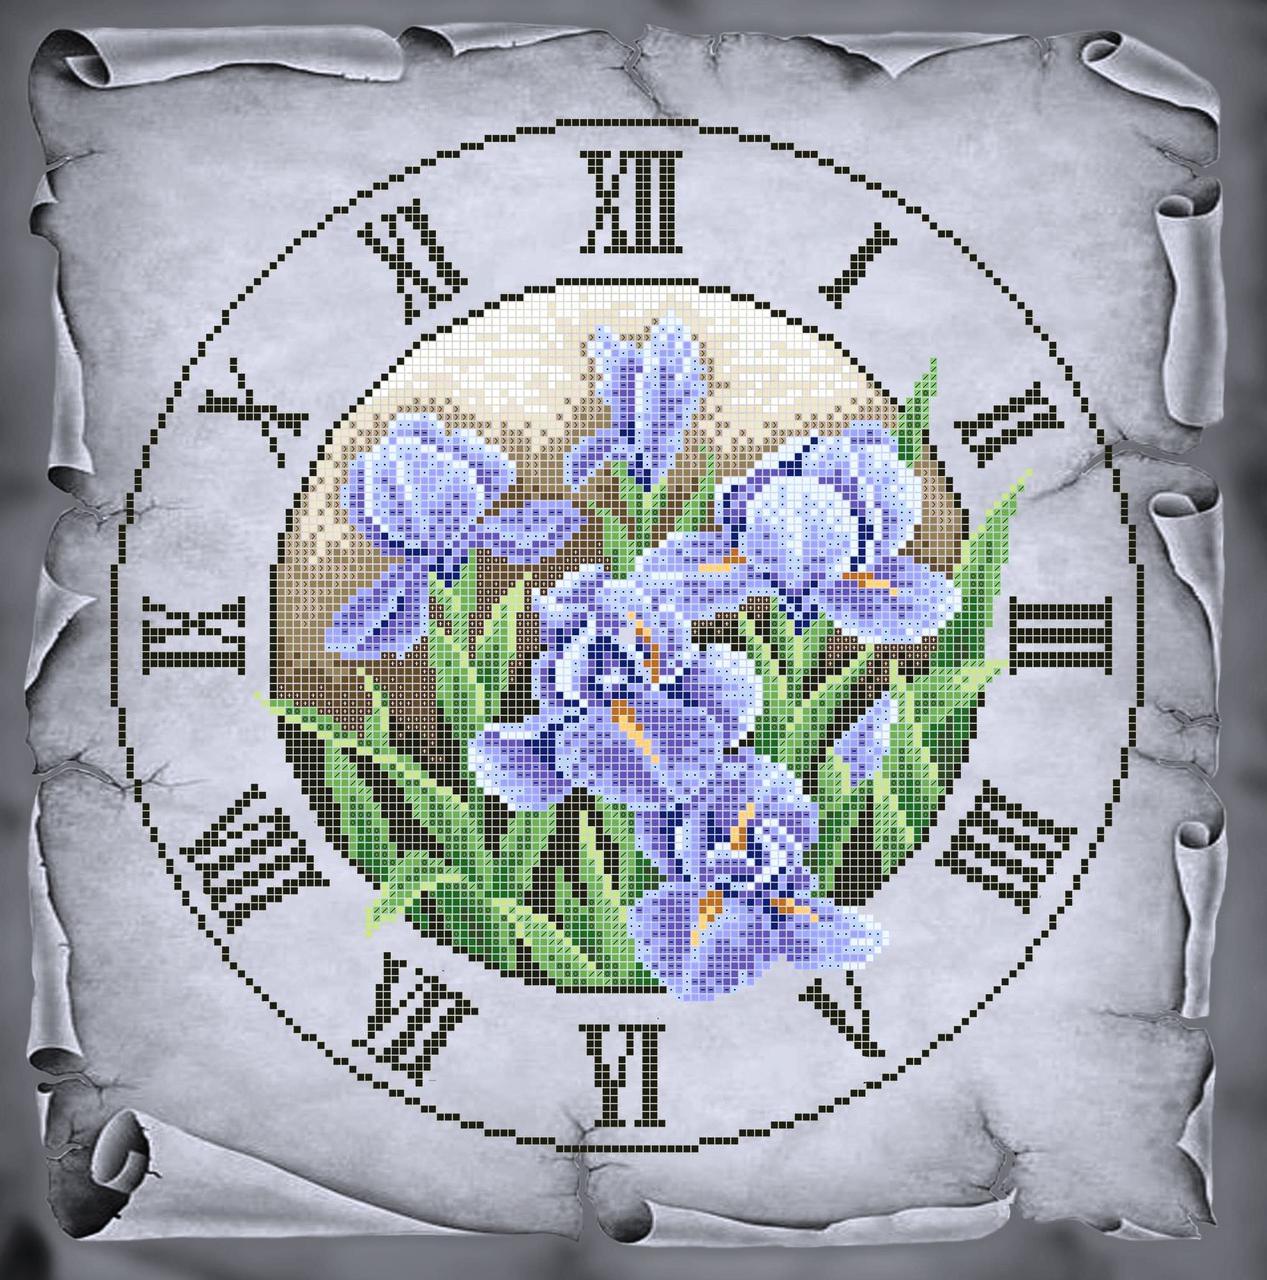 Схема для вишивки та вишивання бісером Бисерок «Годинник з ірисами» Сірий  фон(40x45 e18a8ddb00a69